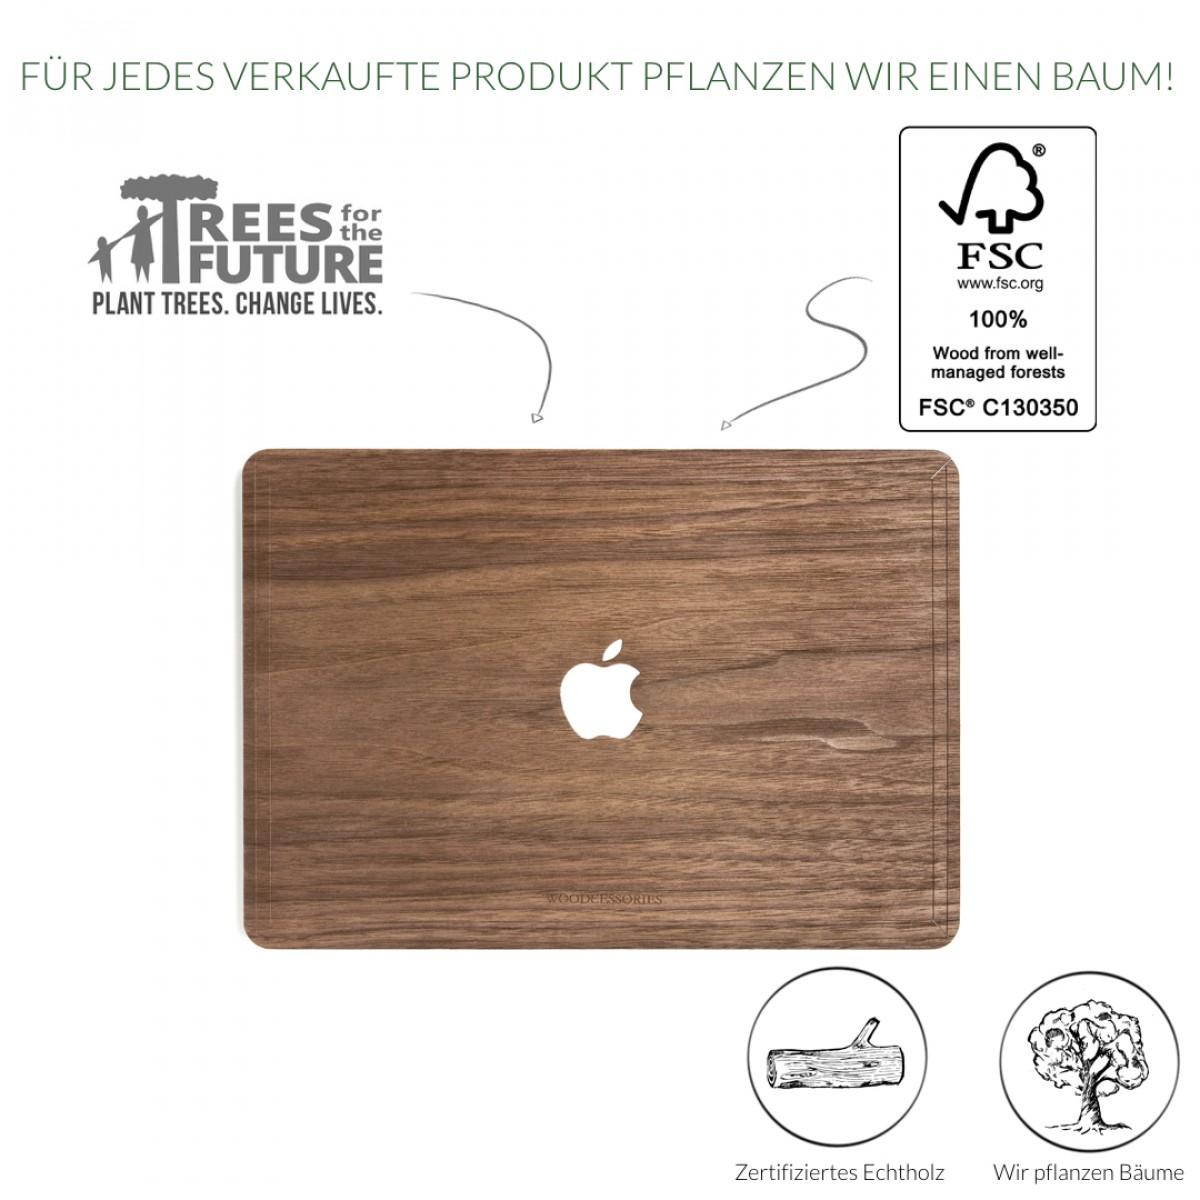 Woodcessories - EcoSkin - Design Apple Macbook Cover, Skin, Schutz für das Macbook mit Apfellogo aus FSC zert. Holz (Macbook 13 Pro Retina, Walnuss)